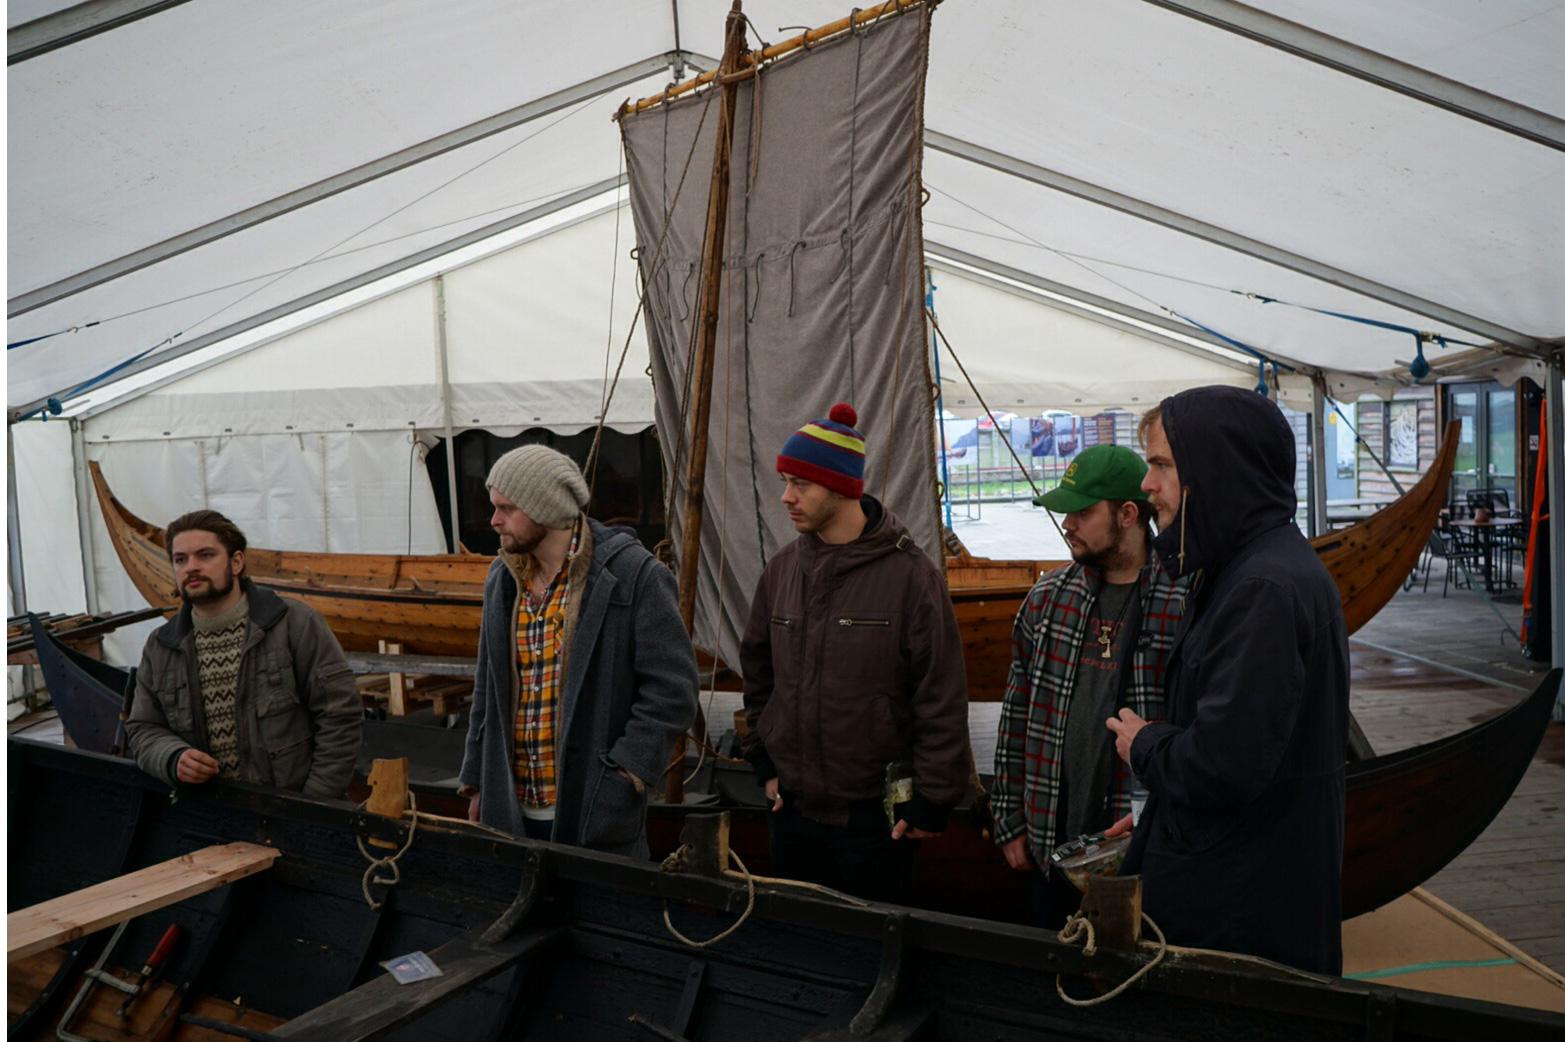 Kulturringens smed- og trebåtbyggerlærlinger tok turen til Vikingskibsmuseet i Roskilde, hvor stedets håndverkere viste vikingbåtenes håndverk og tradisjoner